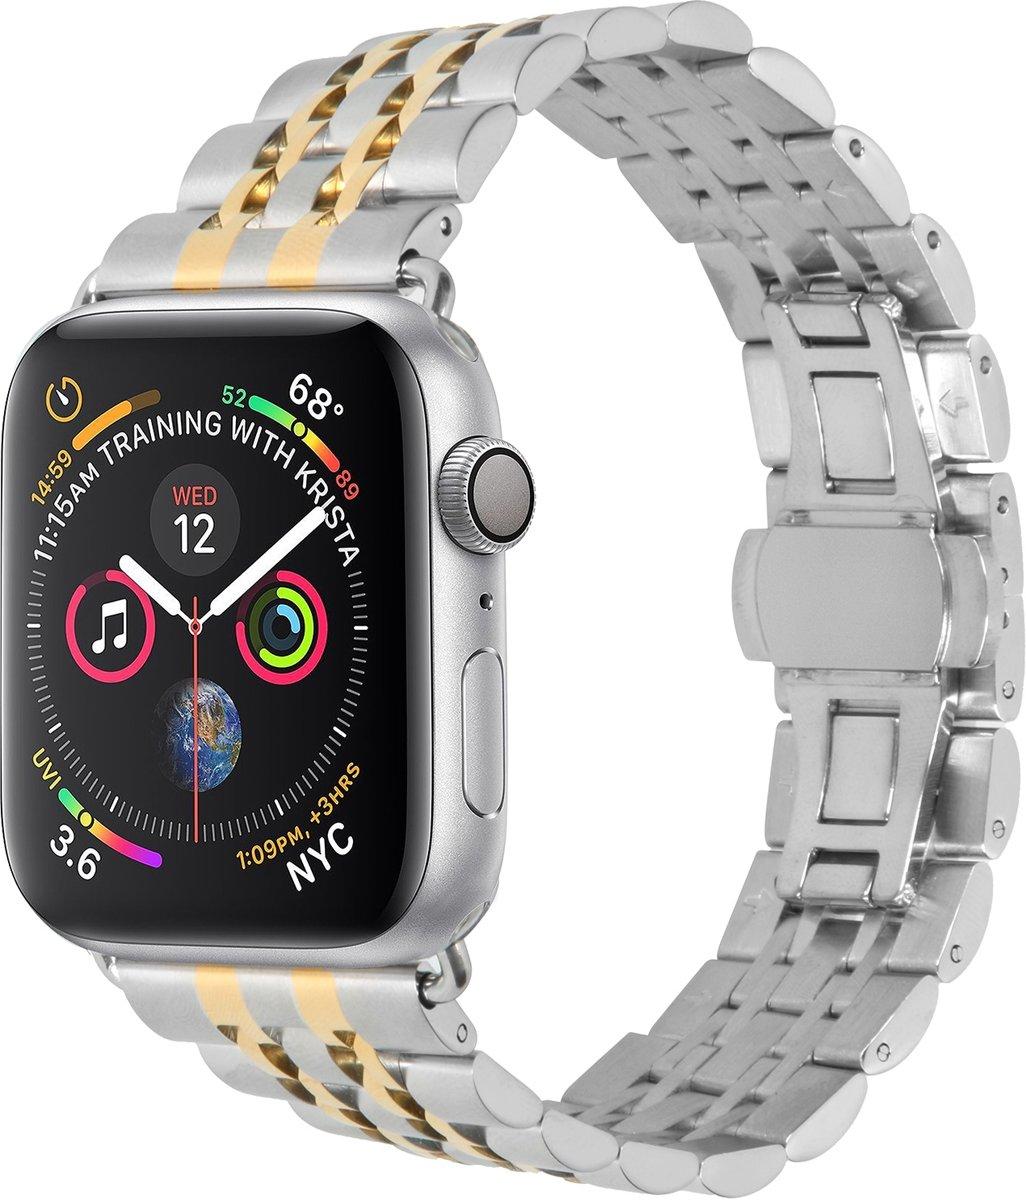 Goud Stainless Steel bandje voor de Apple Watch 40 / 38 mm kopen